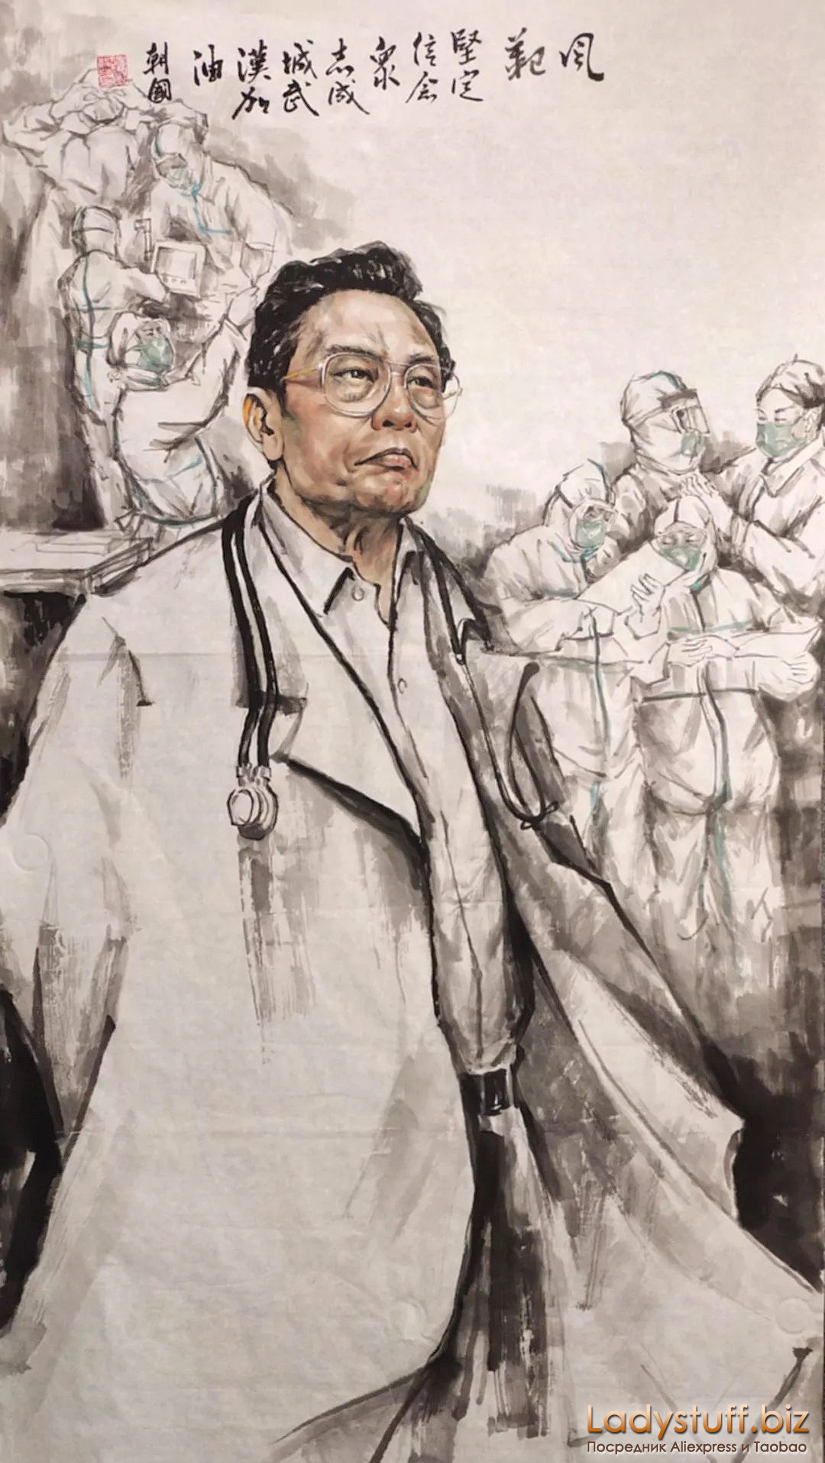 Арт иллюстрации эпидемии коронавируса от китайских художников